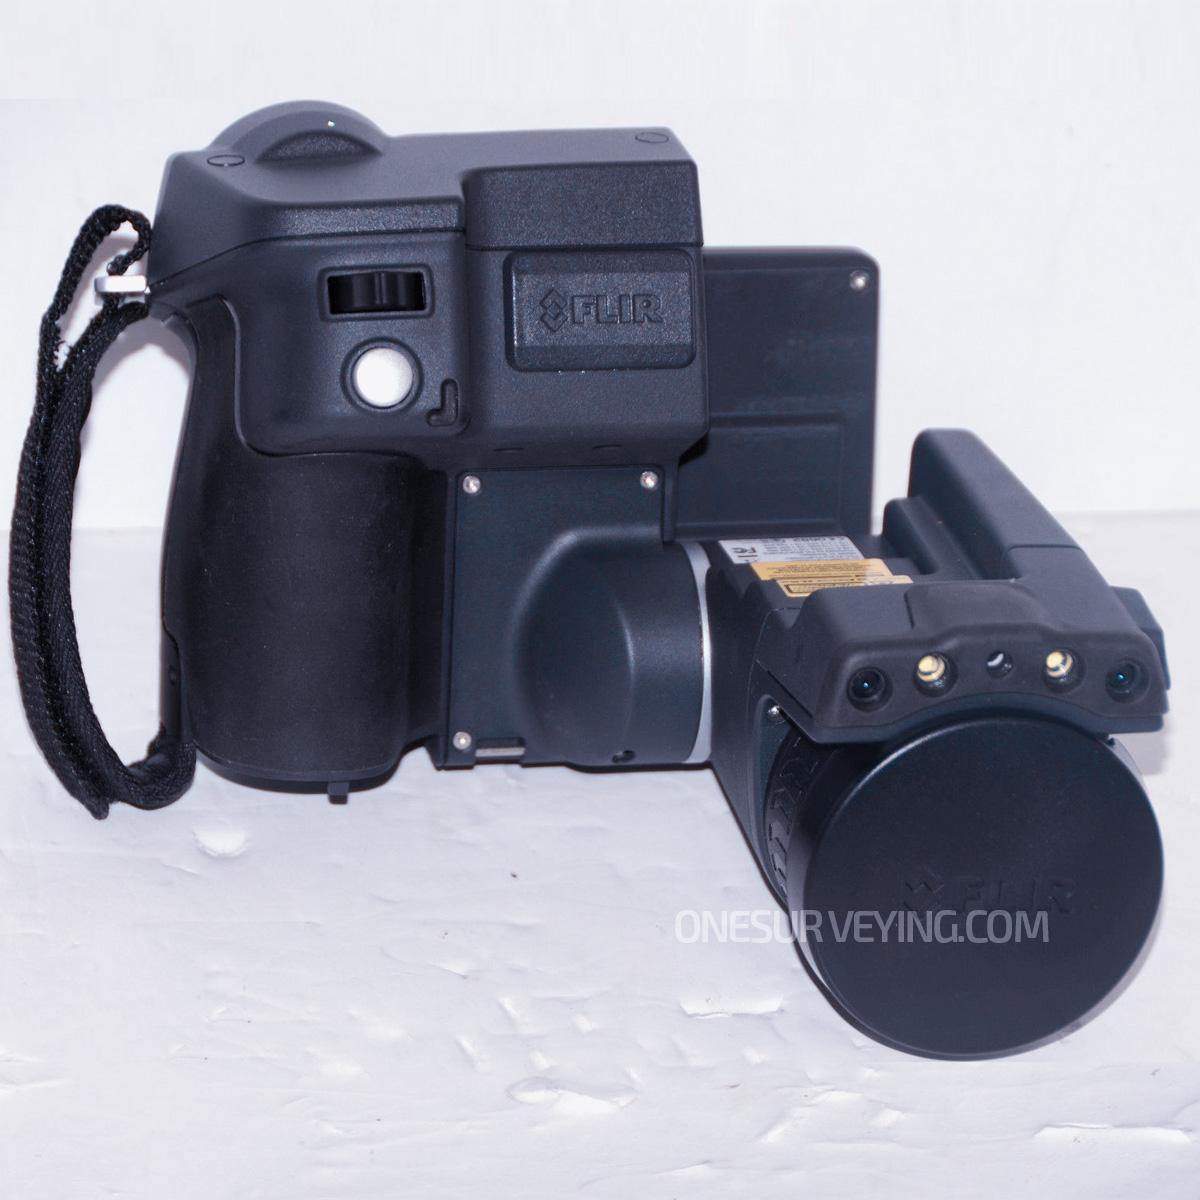 FLIR-T620-Thermal-Imaging-Camera.jpg